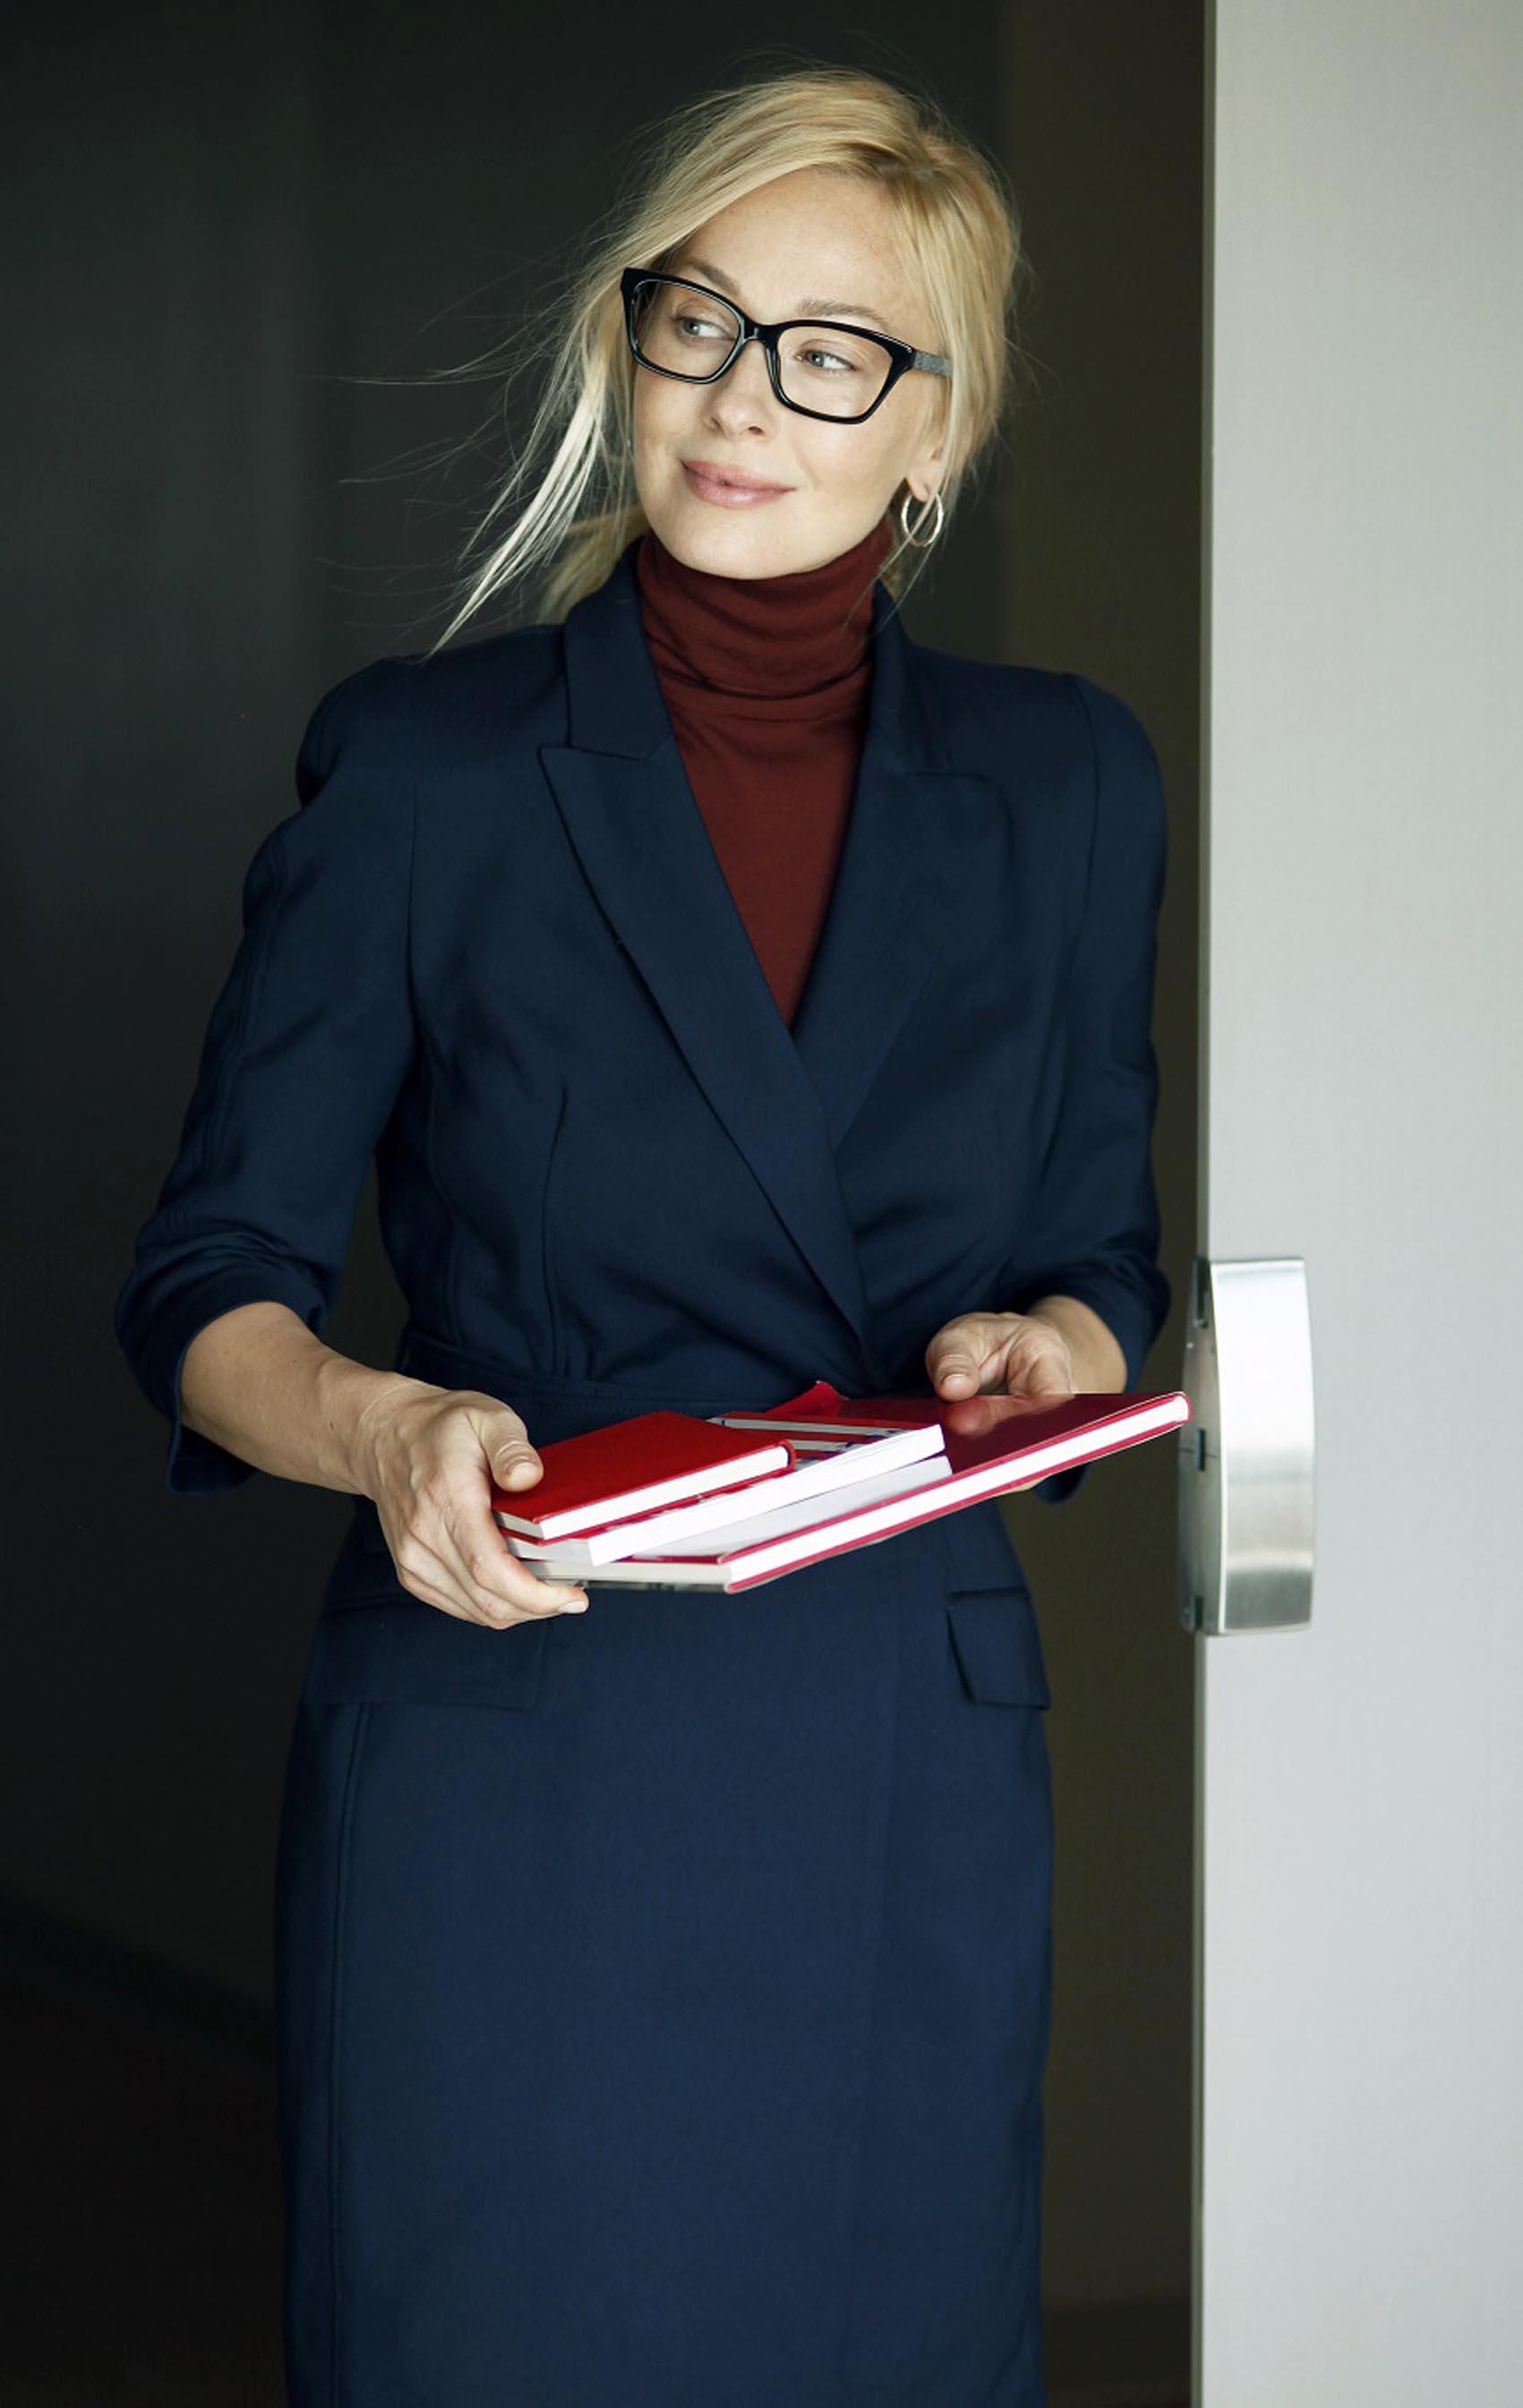 Heidi-Fuchsenthaler 08.jpg